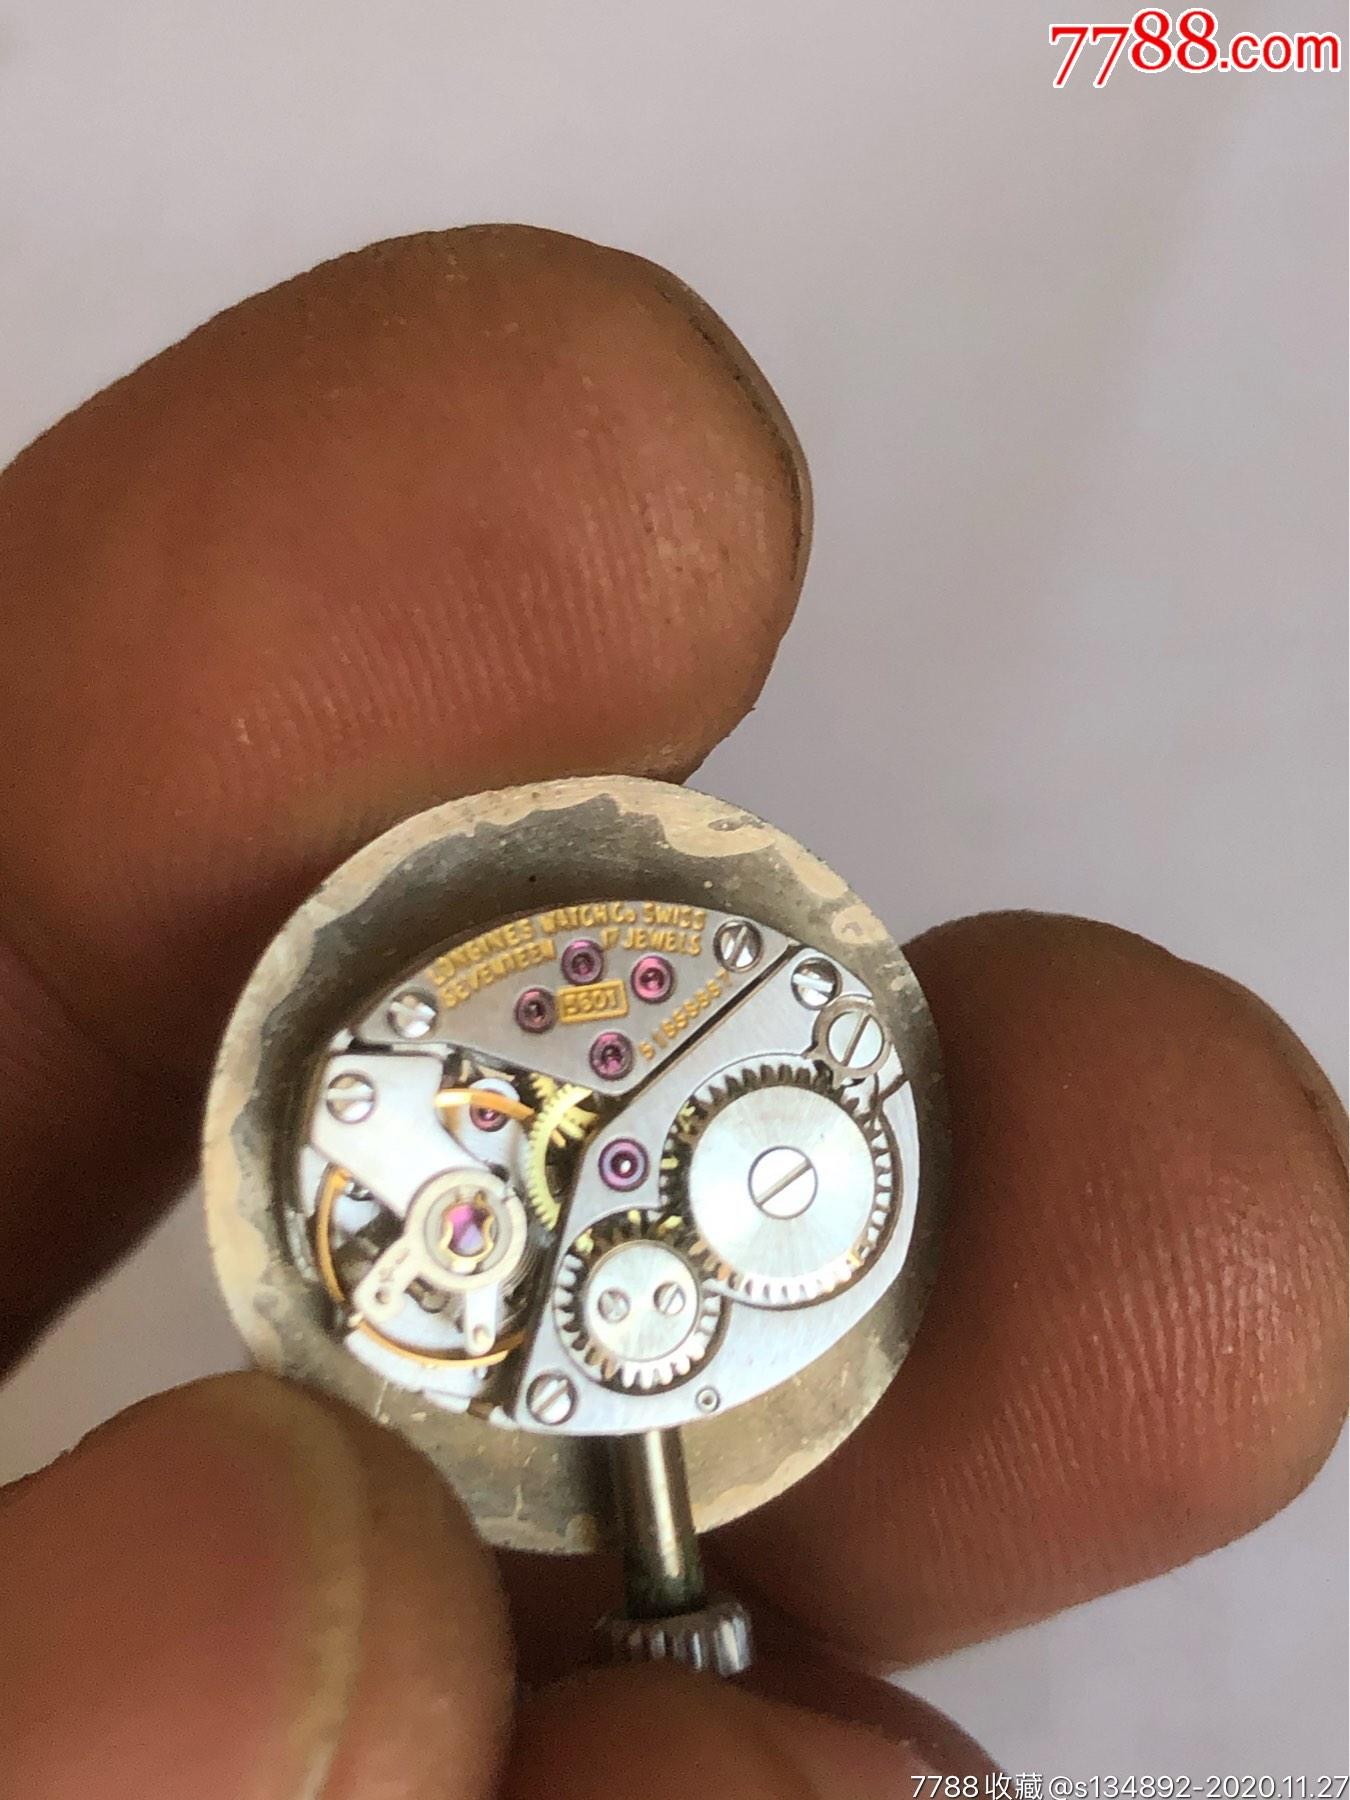 精工手表价格_好品瑞士产浪琴女机械表-价格:380.0000元-au24890306-手表/腕表 -加价 ...